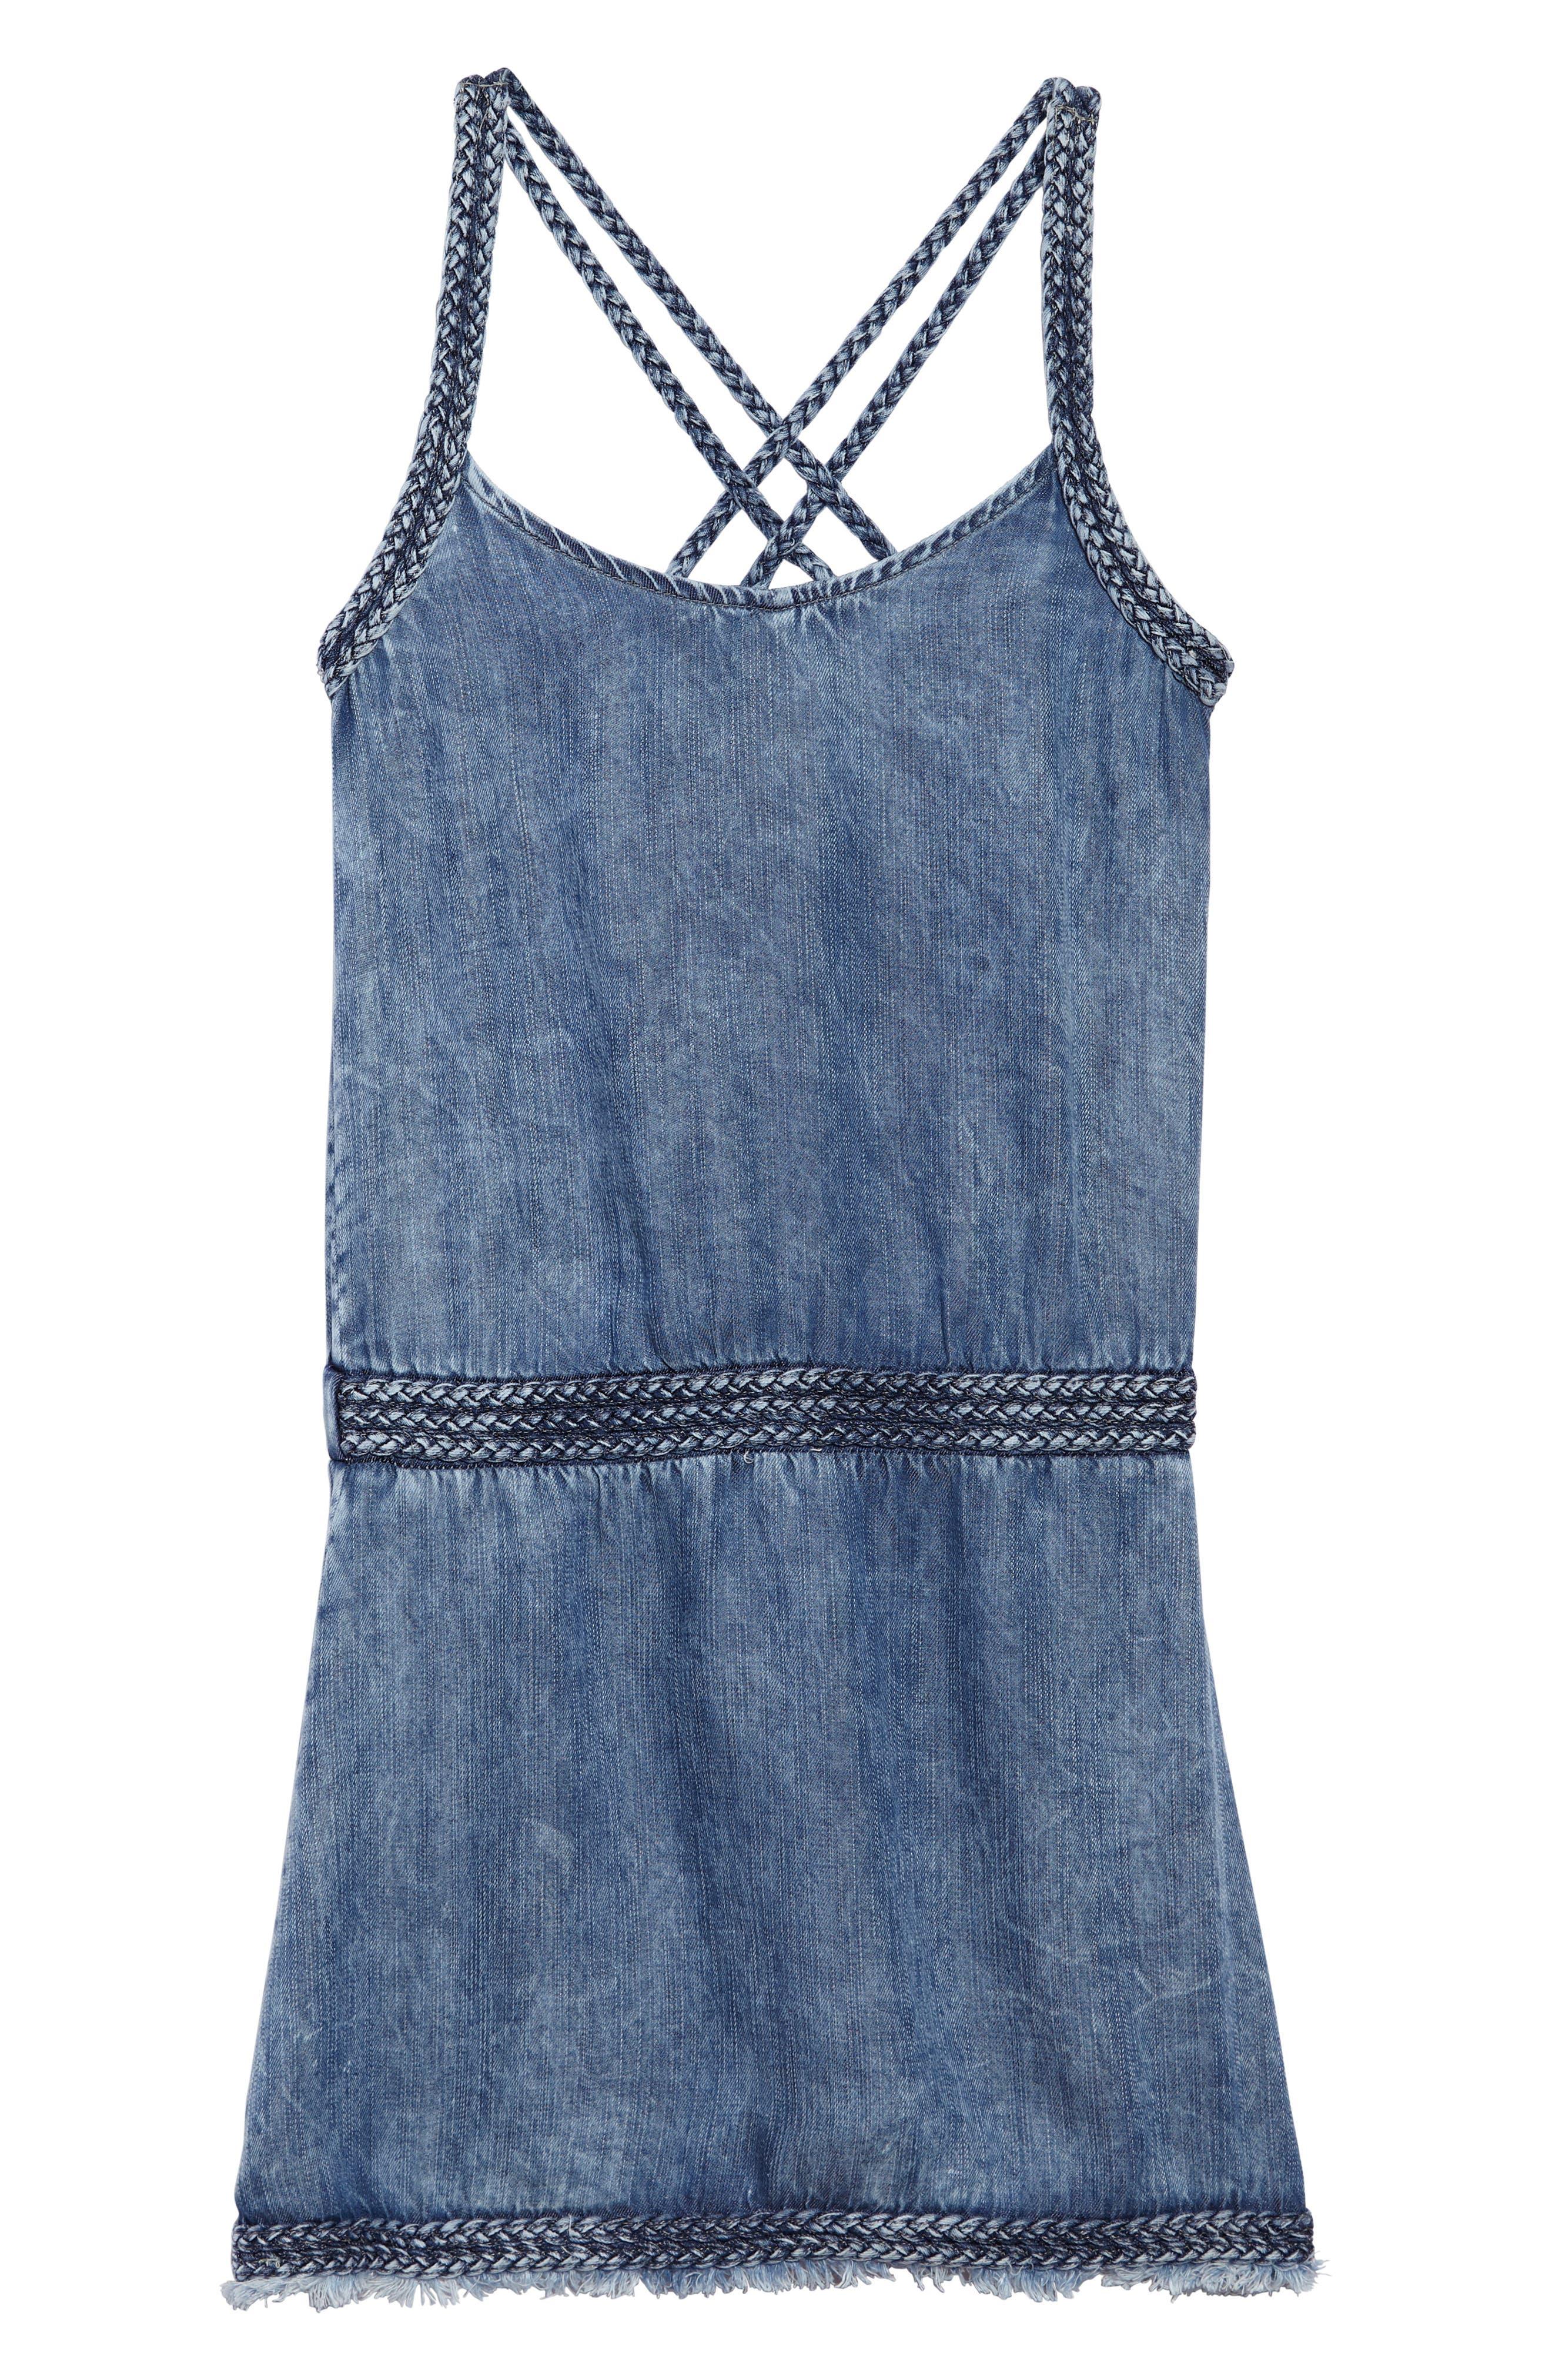 Braided Chambray Dress,                             Main thumbnail 1, color,                             407